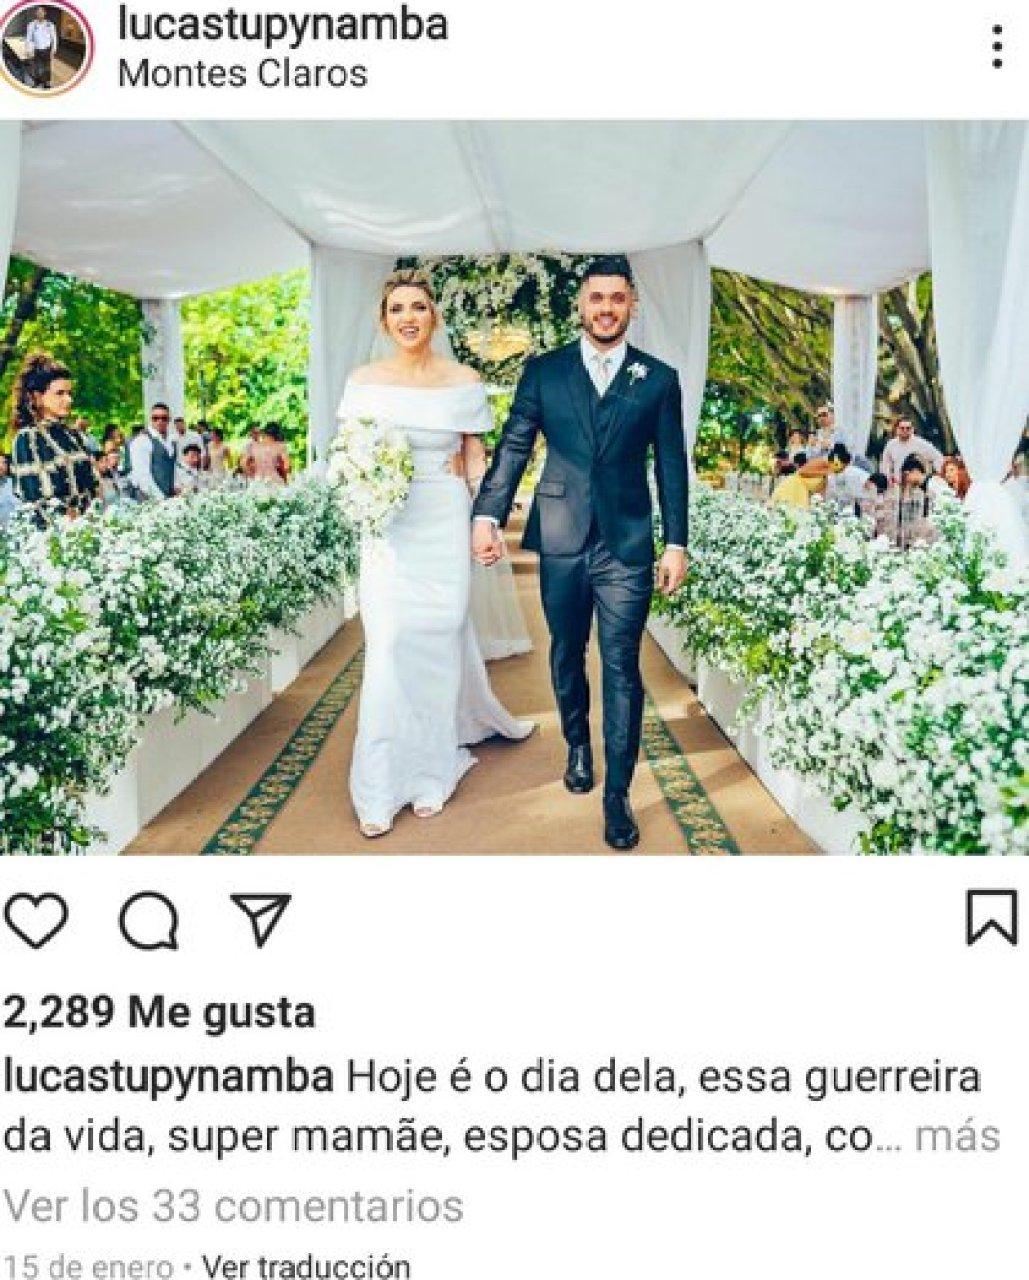 La tiktoker contrajo matrimonio en diciembre en 2020 con el médico especializado en deporte y ejercitamiento físico, Lucas Tupynamba (Foto: Instagram/ @lucastupynamba)